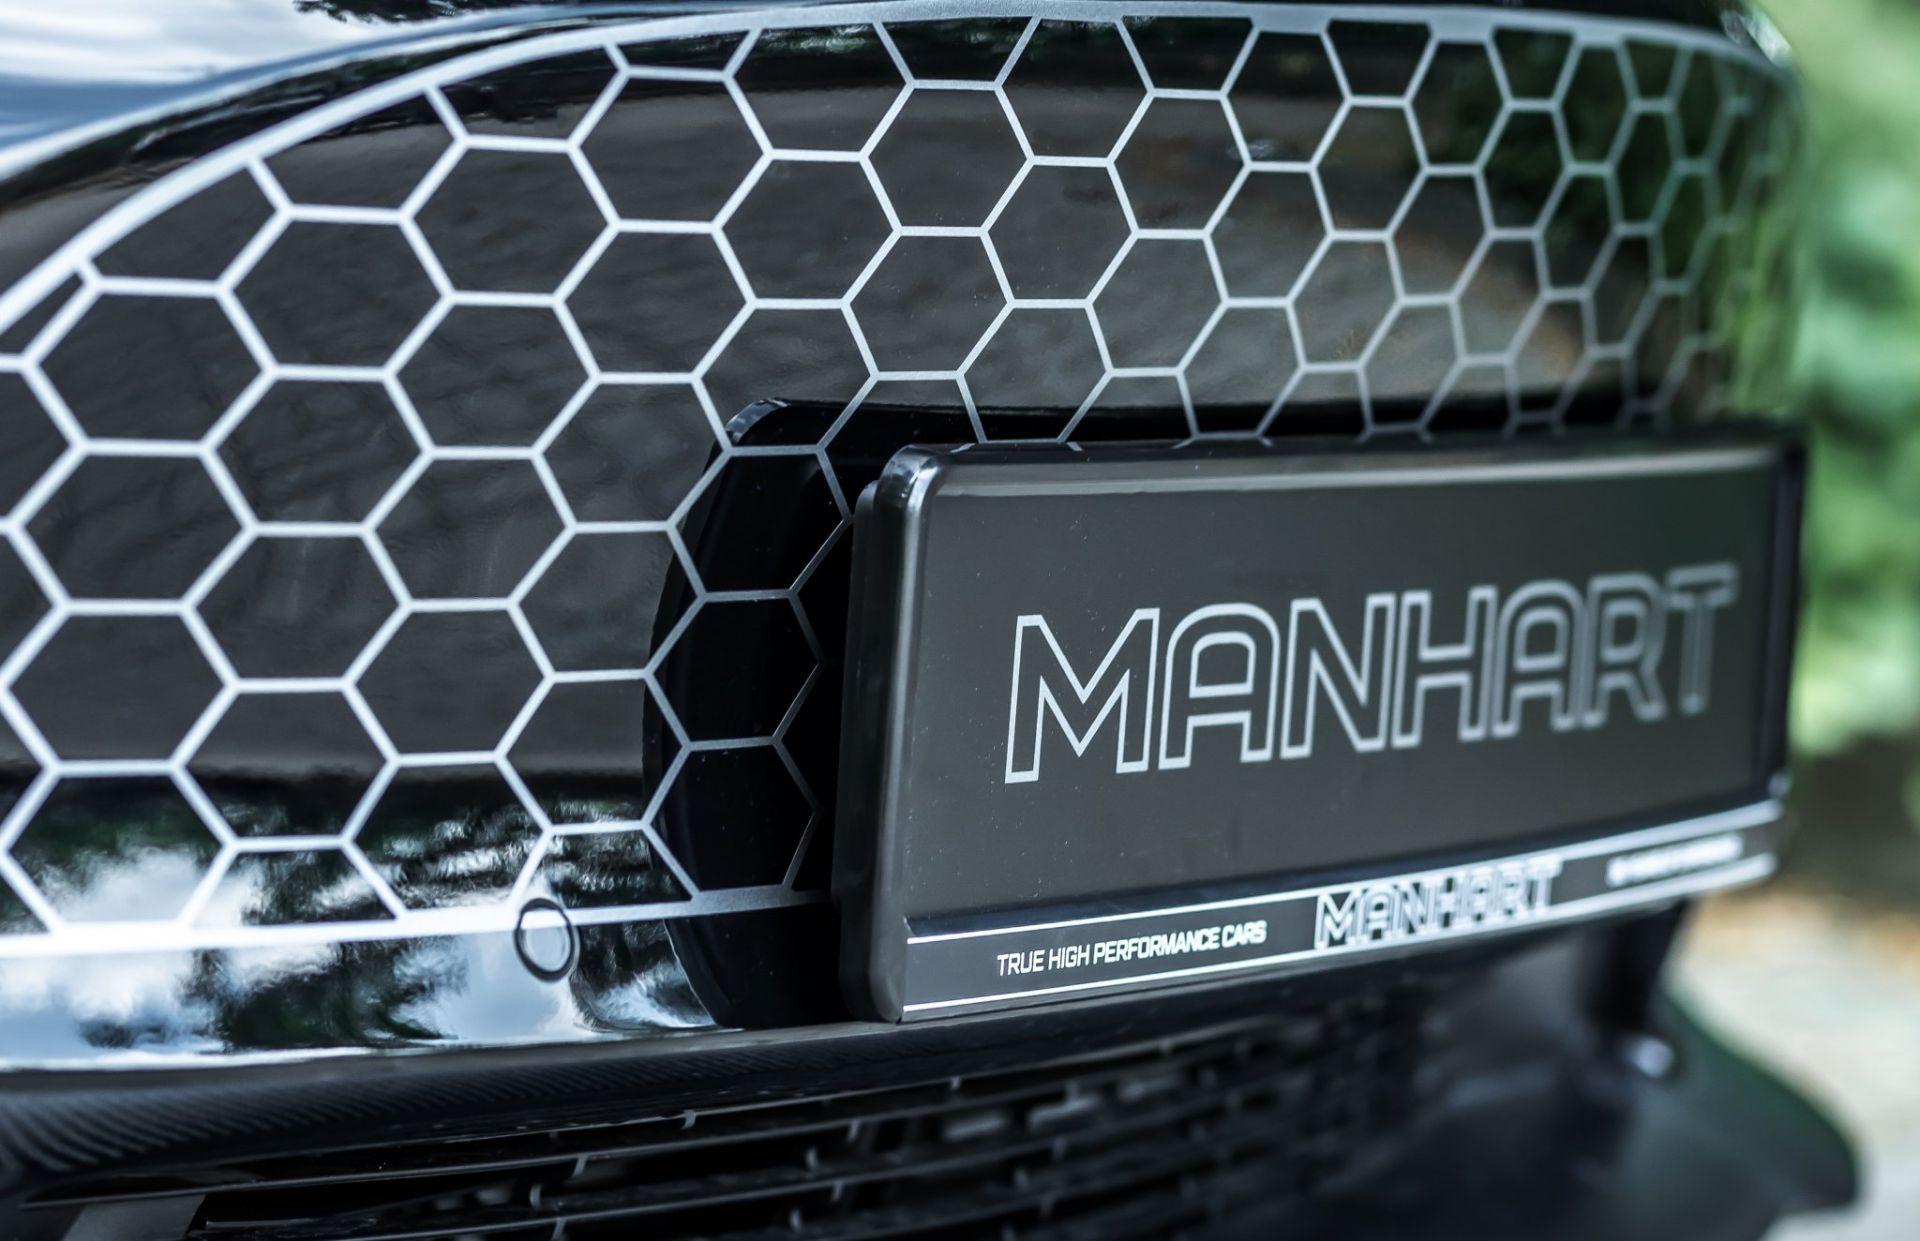 Manhart-TM3-700-7